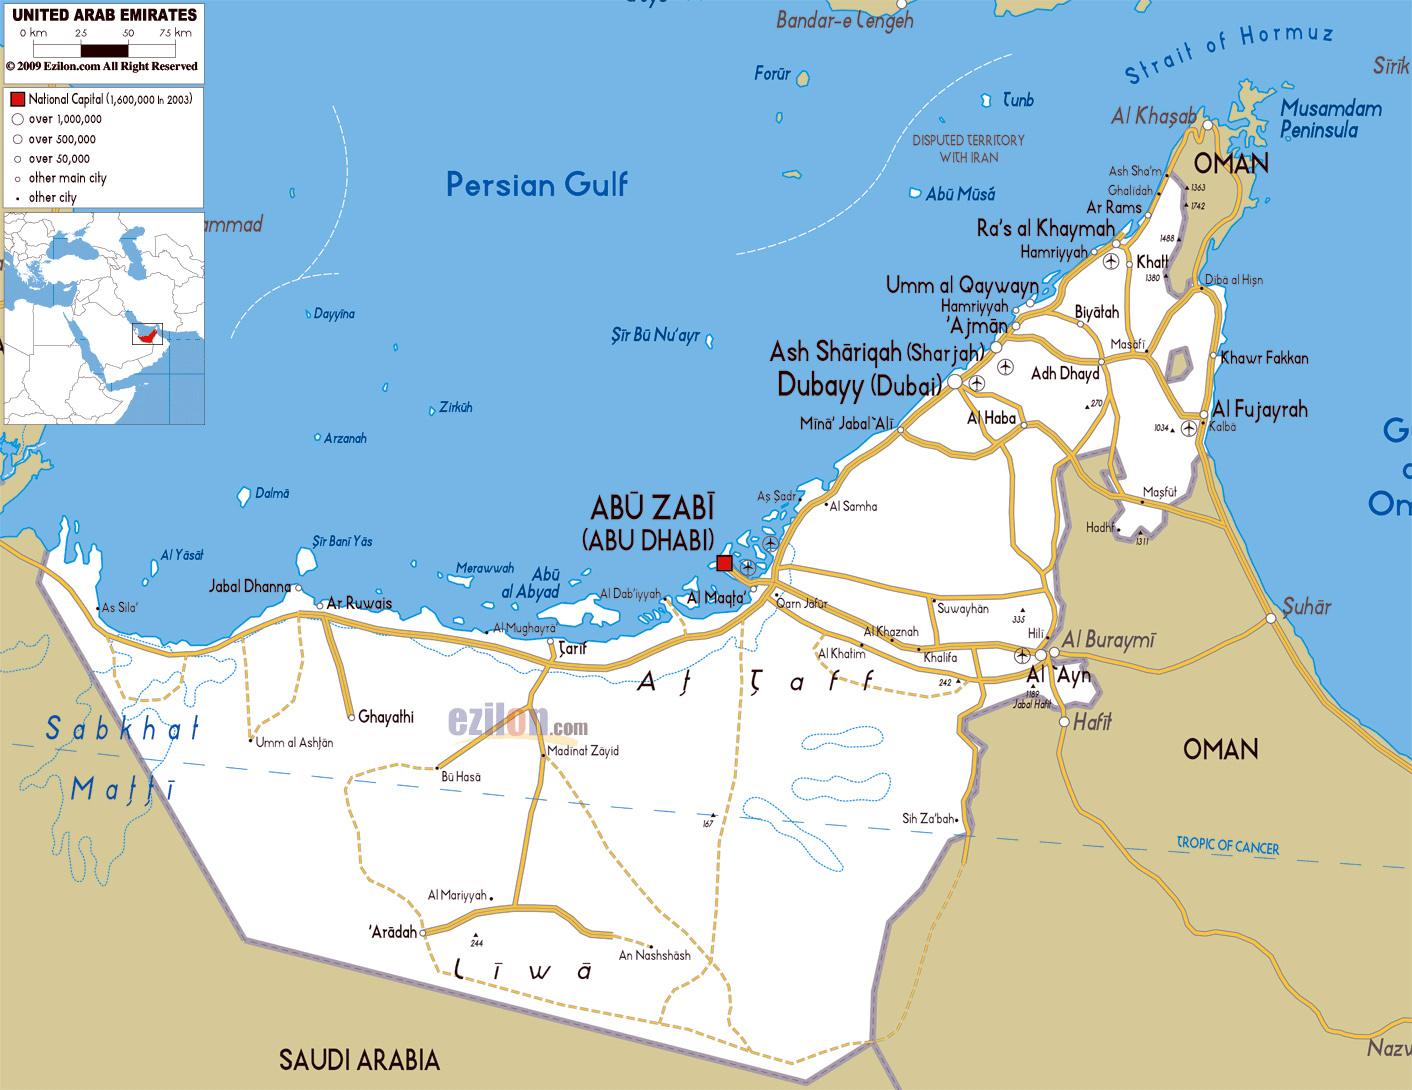 Maps of United Arab Emirates | Detailed map of UAE in ... United Arab Emirates Map World on afghanistan world map, sierra leone world map, norway world map, bahrain world map, china world map, persian gulf map, uganda world map, uzbekistan world map, slovakia world map, arabian sea world map, jordan world map, cambodia world map, austria world map, iraq world map, sudan world map, middle east map, cyprus world map, guatemala world map, pakistan world map, kuwait world map,